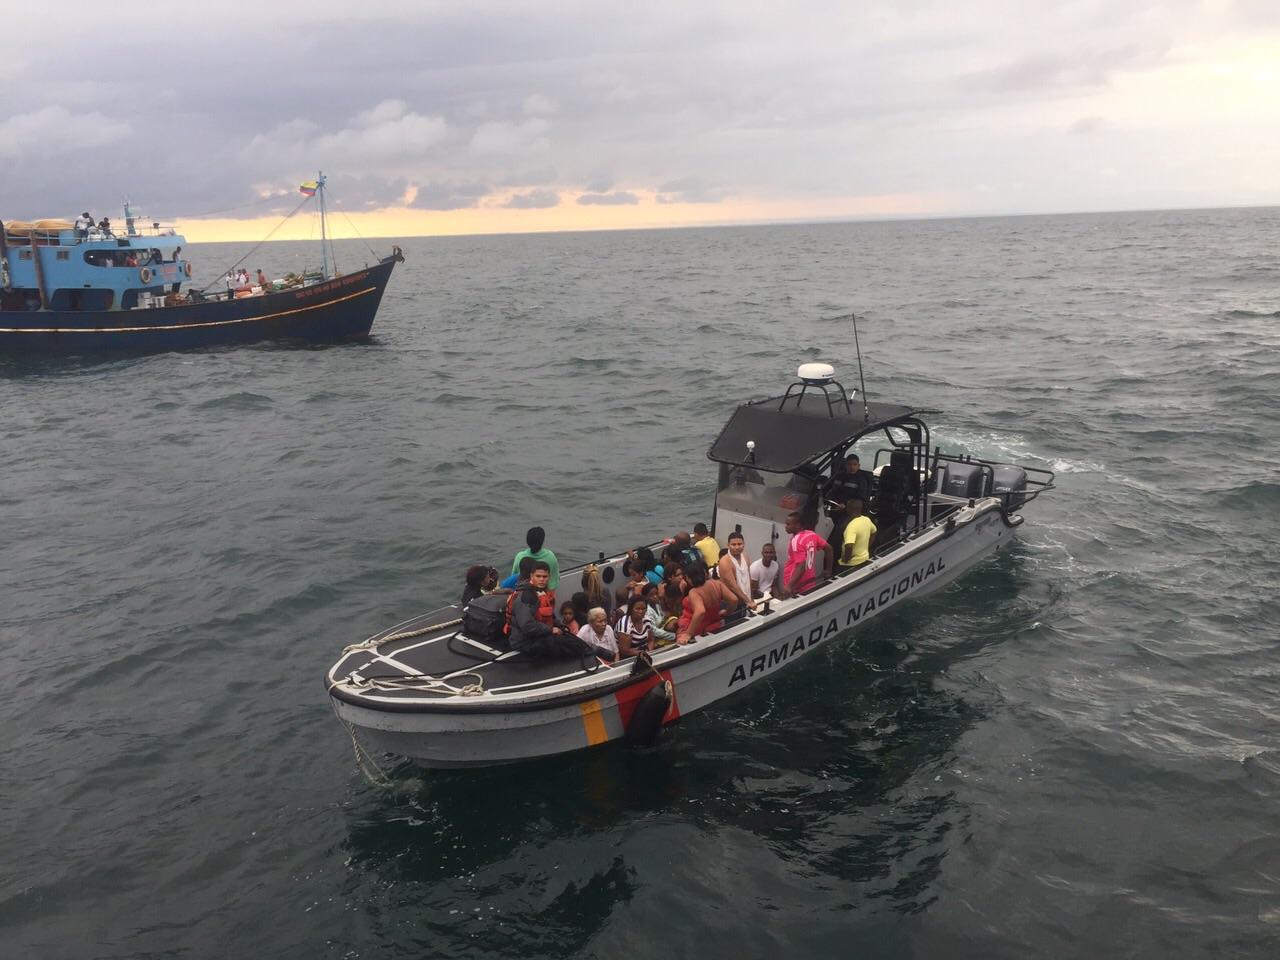 Armada salva pasajeros de lancha incendiada en el Pacífico